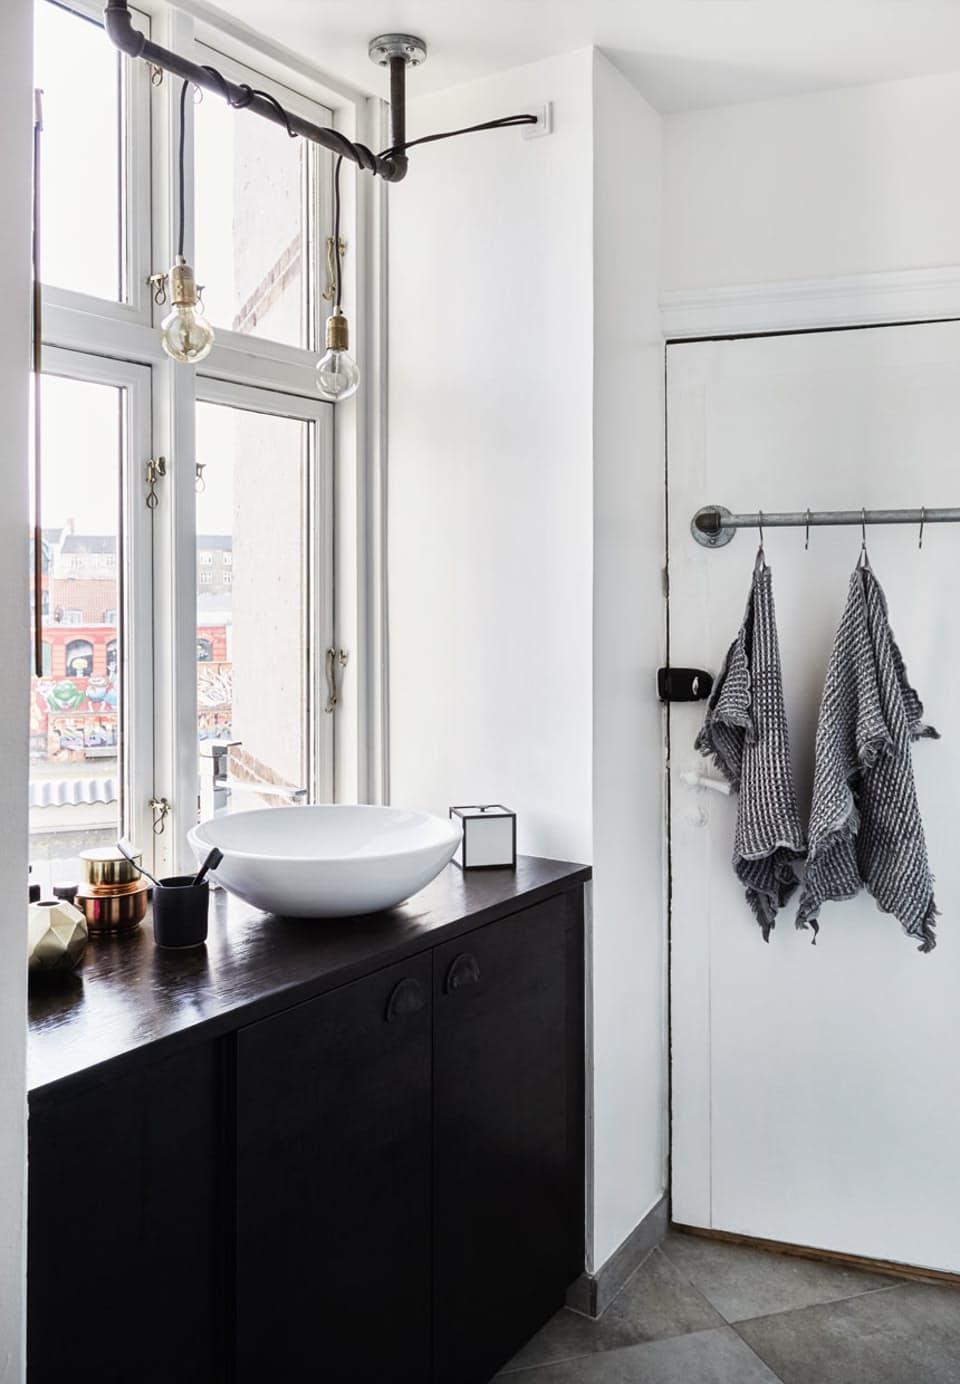 loft-badkamer-zwarte-badmeubel-ikea